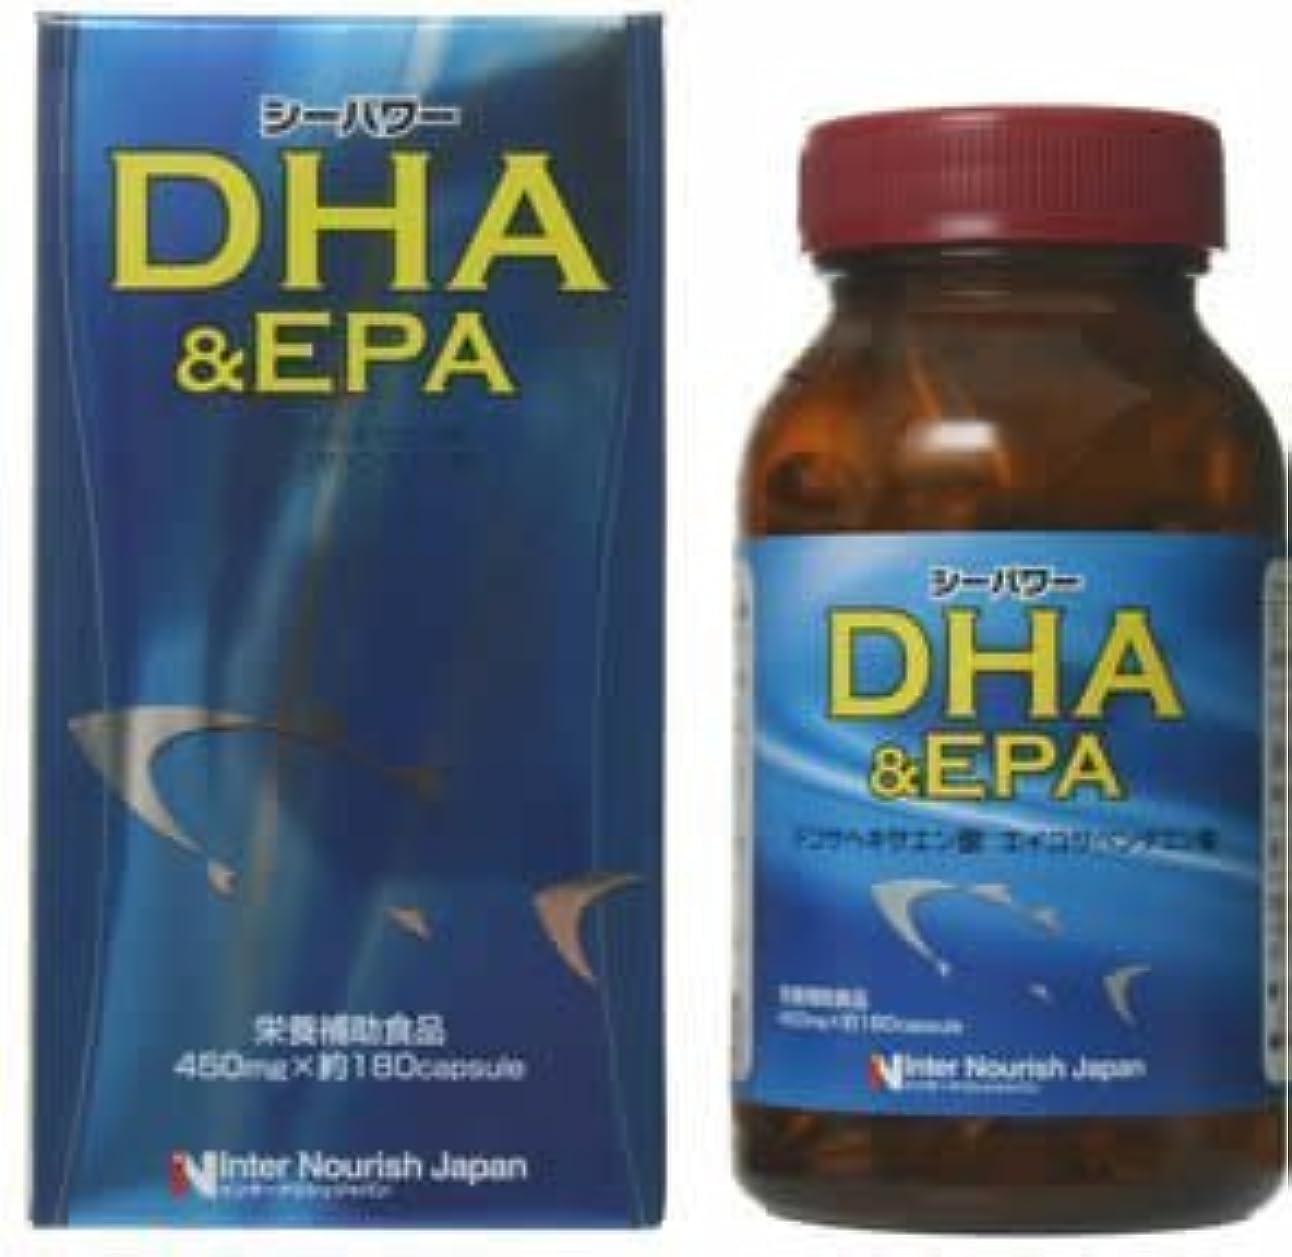 ハシーモンスターストラトフォードオンエイボンシーパワーDHA+EPA 450mg×180粒